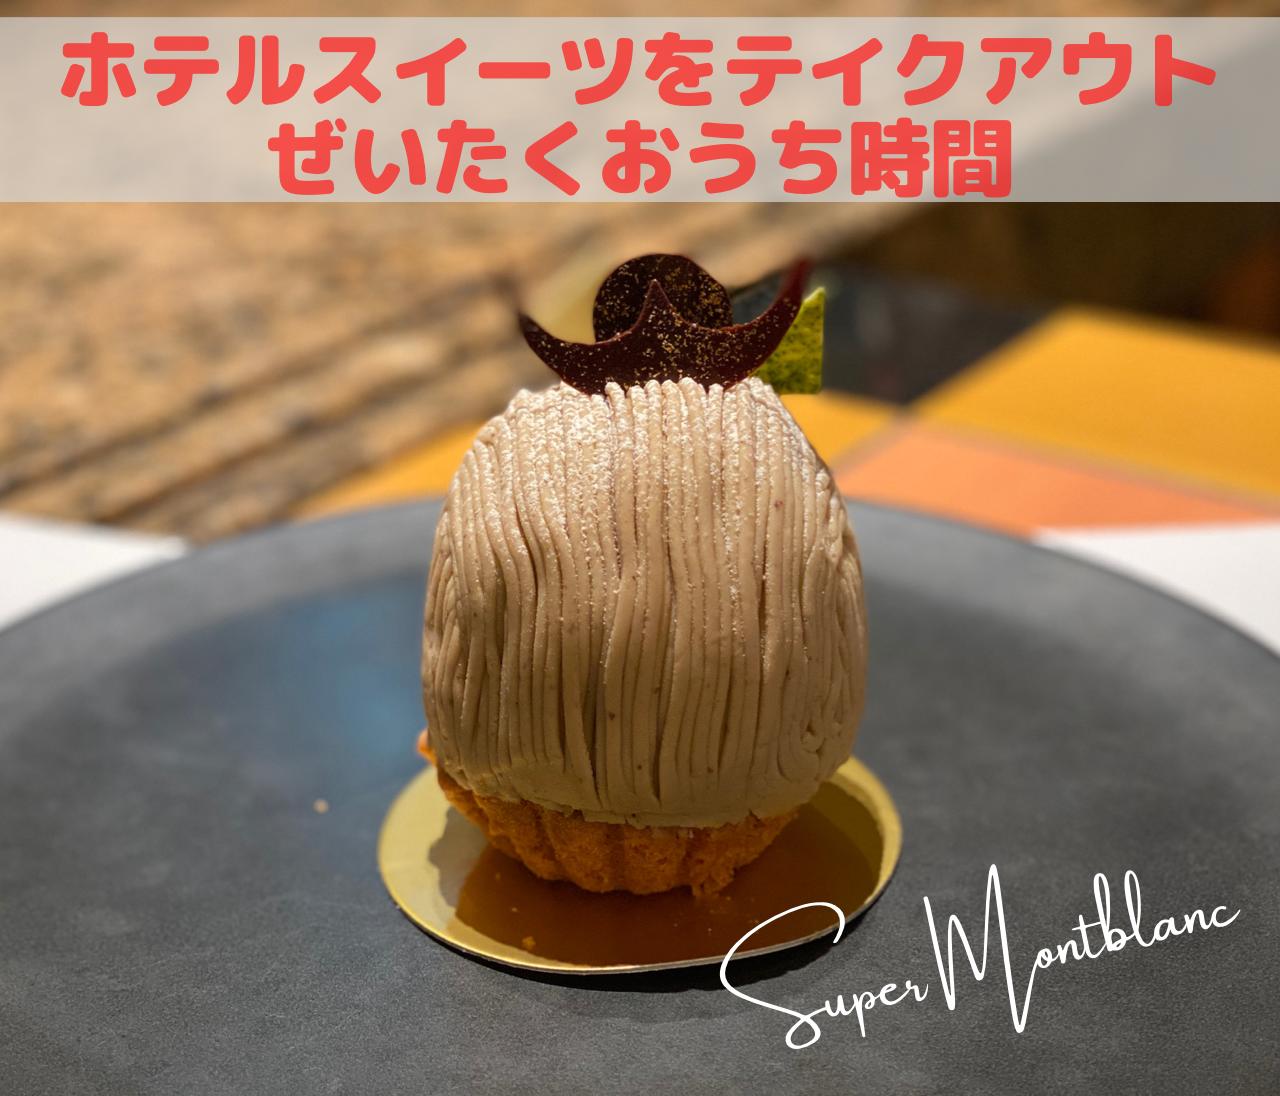 【テイクアウトOK】スーパーモンブランで最高級おうち時間を♥